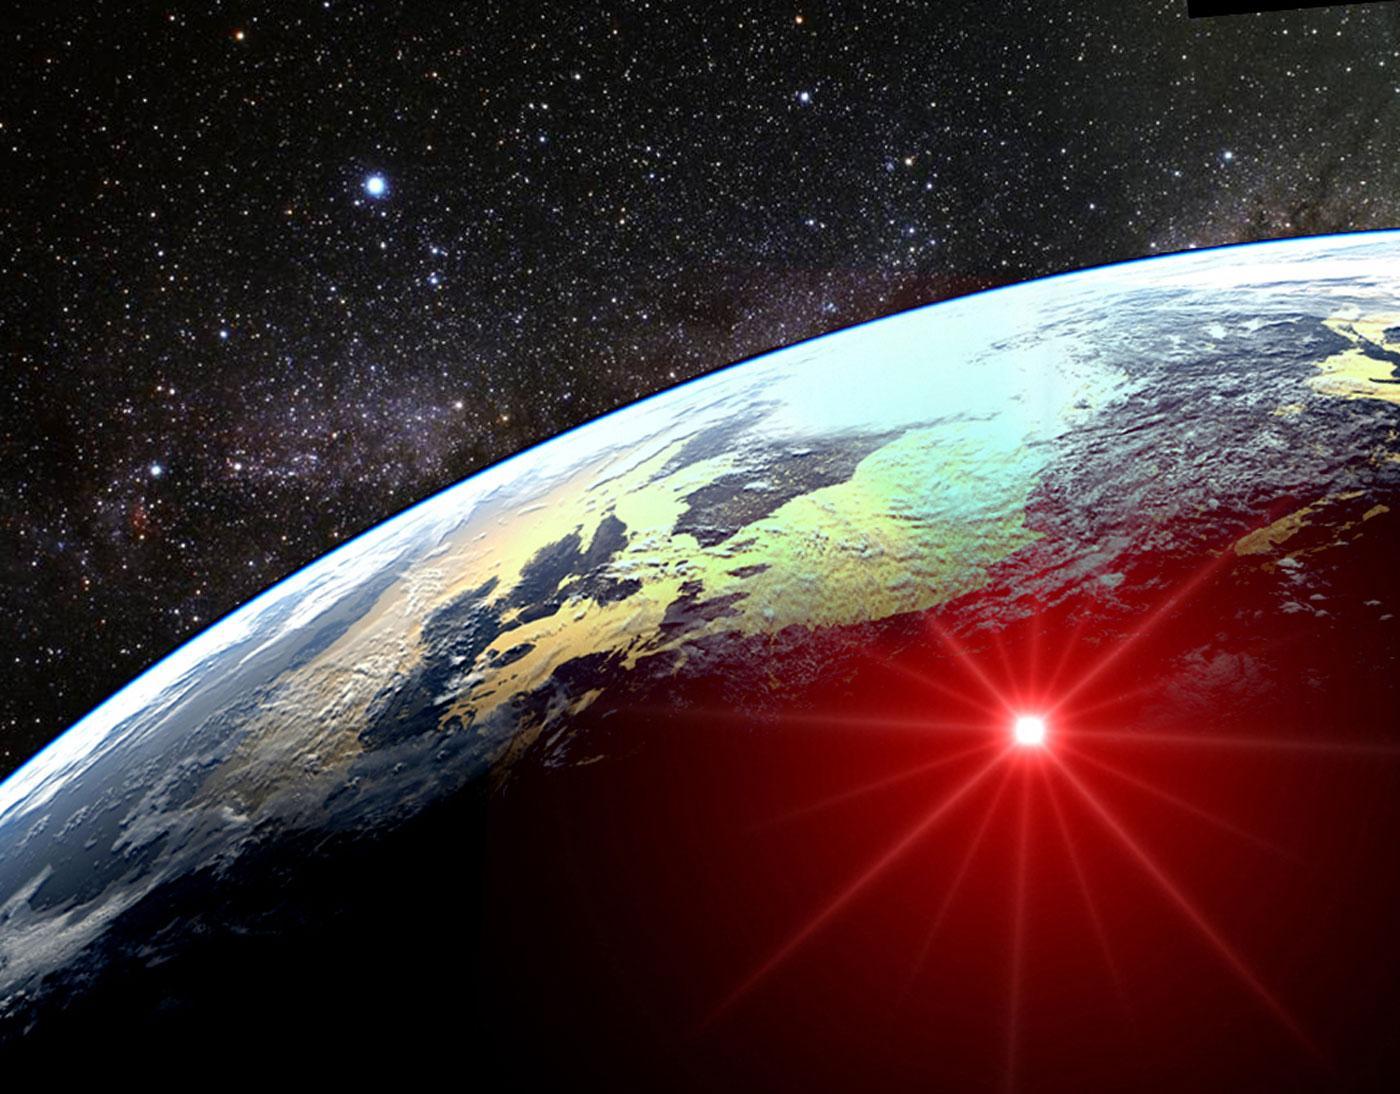 Interstellar Porch Light